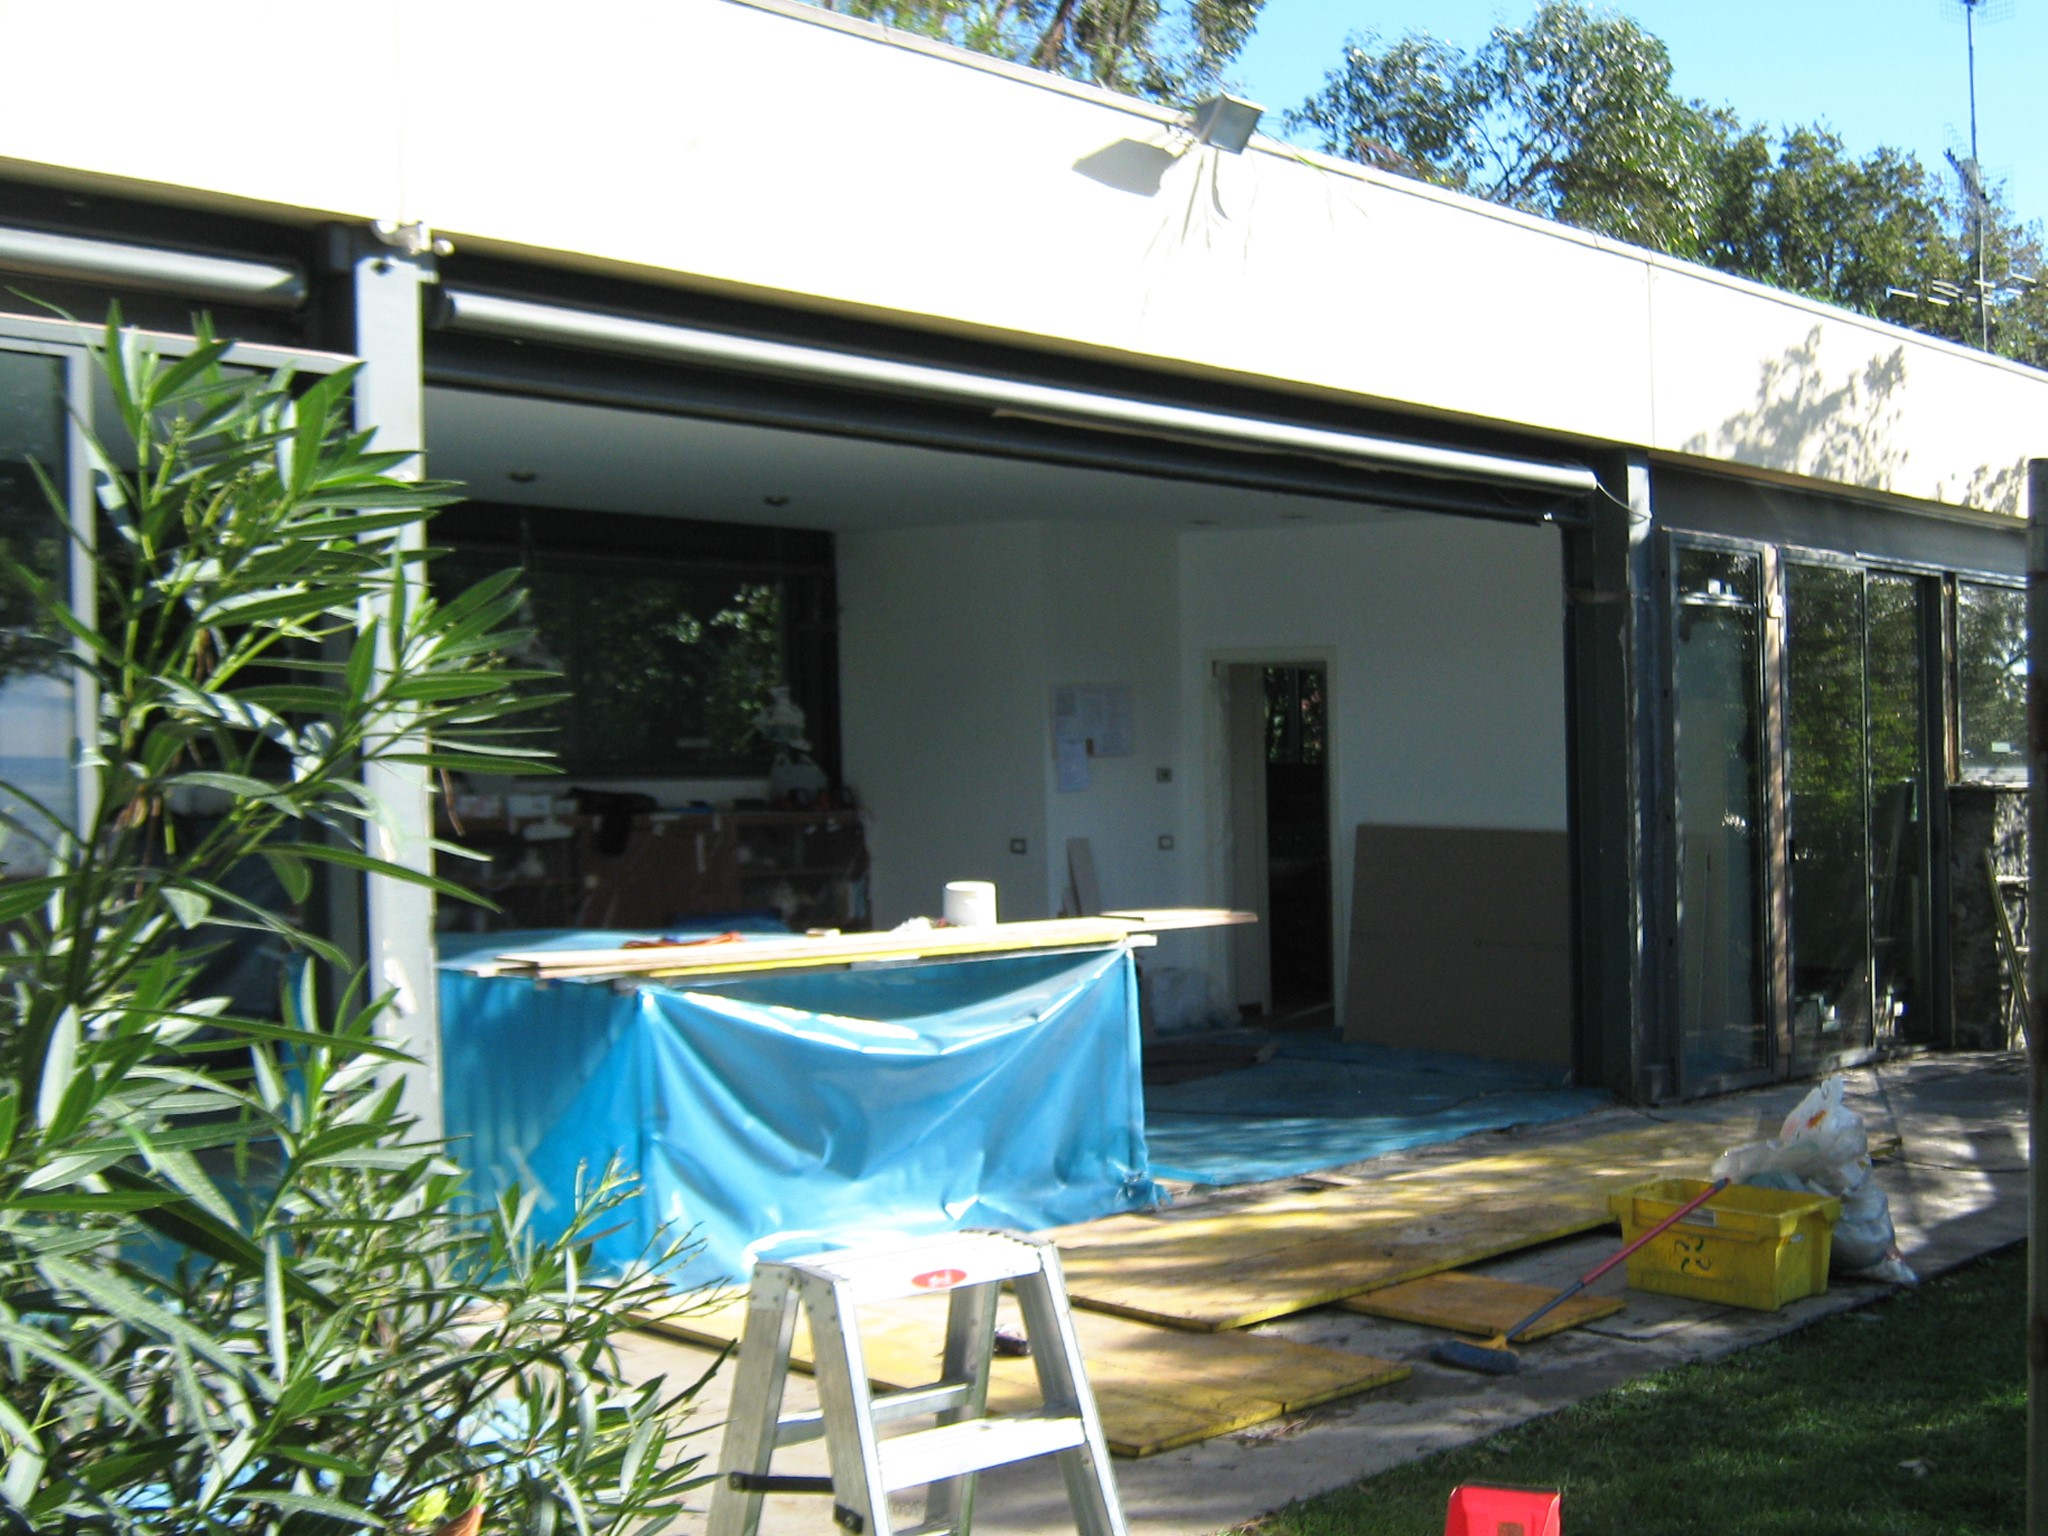 1. Allestimento cantiere per installazione pareti vetrate del prospetto villa lato mare: lavori in corso.